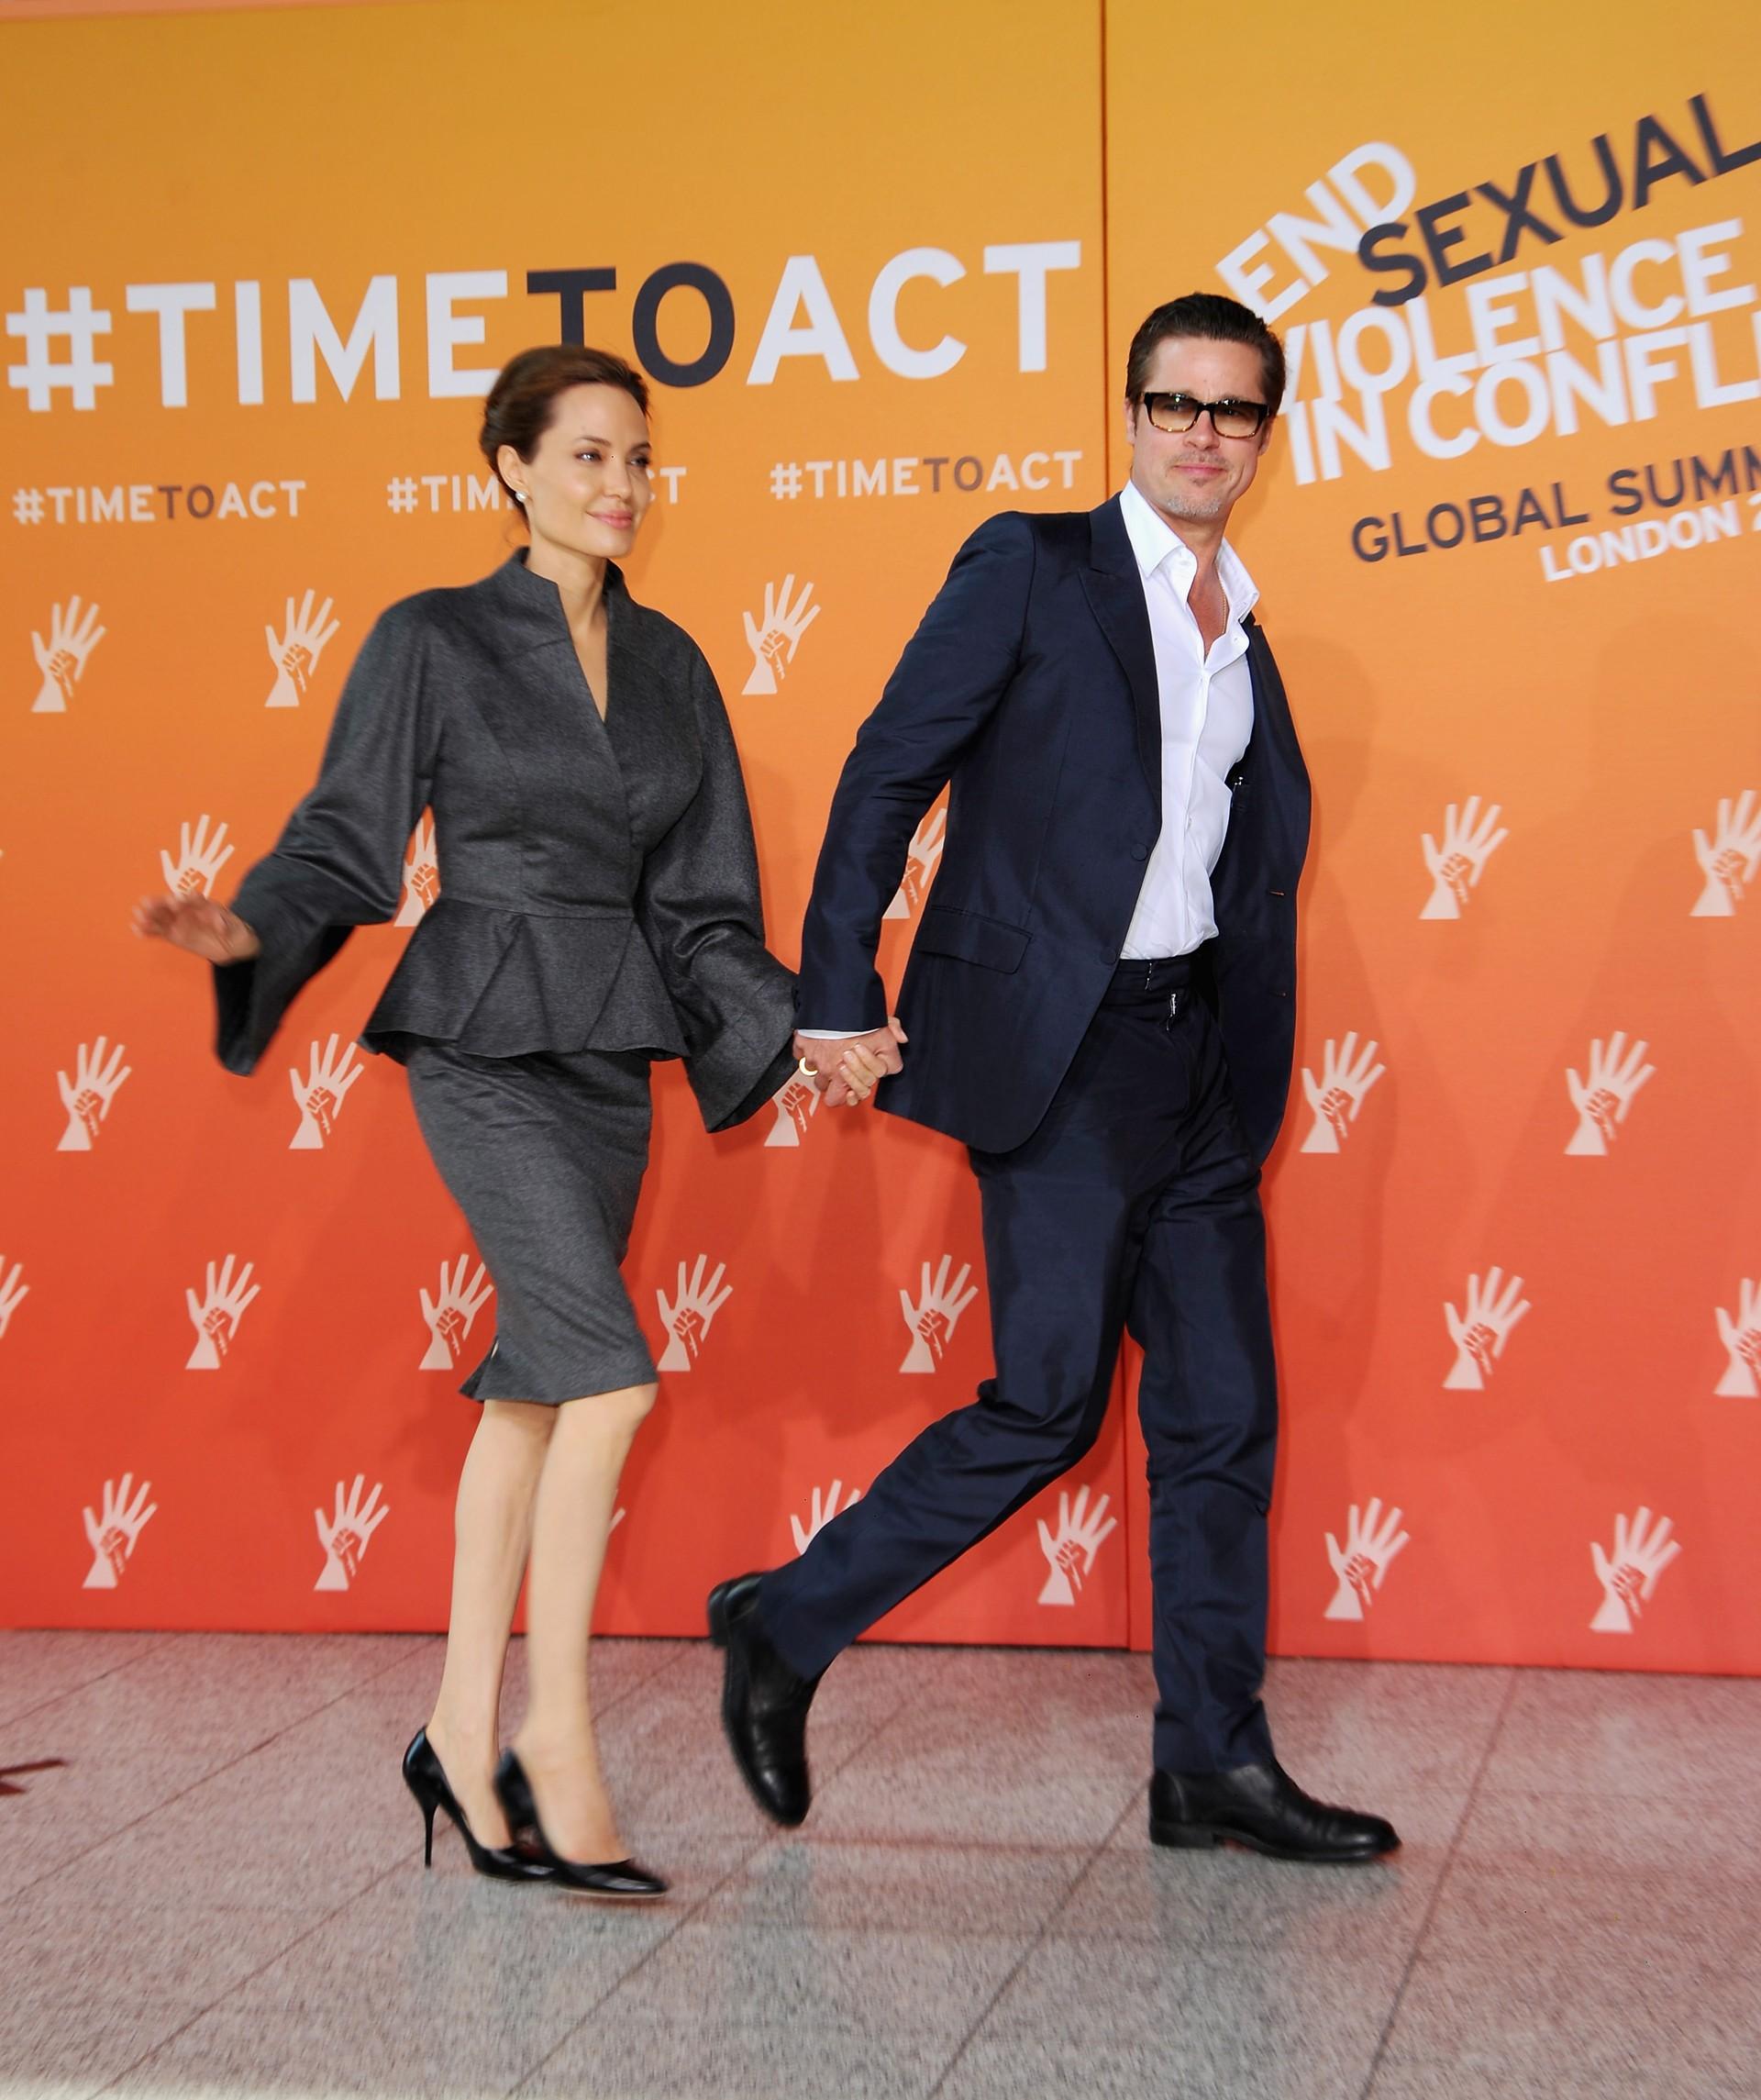 Apesar de estarem juntos desde 'Senhor e Senhor Smith' (2005), os belos não se casaram oficialmente. Sua união estável dá lar a seis crianças e são conhecidos pelo seu trabalho humanitário ao redor do mundo. Ano passado, ganharam US$ 50 milhões. (Foto: Getty Images)